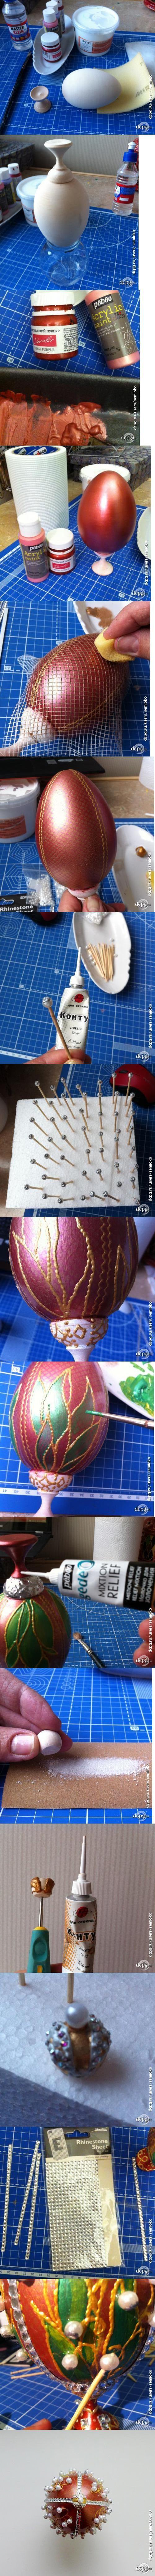 Декупаж - Сайт любителей декупажа - DCPG.RU | Мастер-класс «Почему бы не Фаберже? Или пасхальный подарок для мамы».